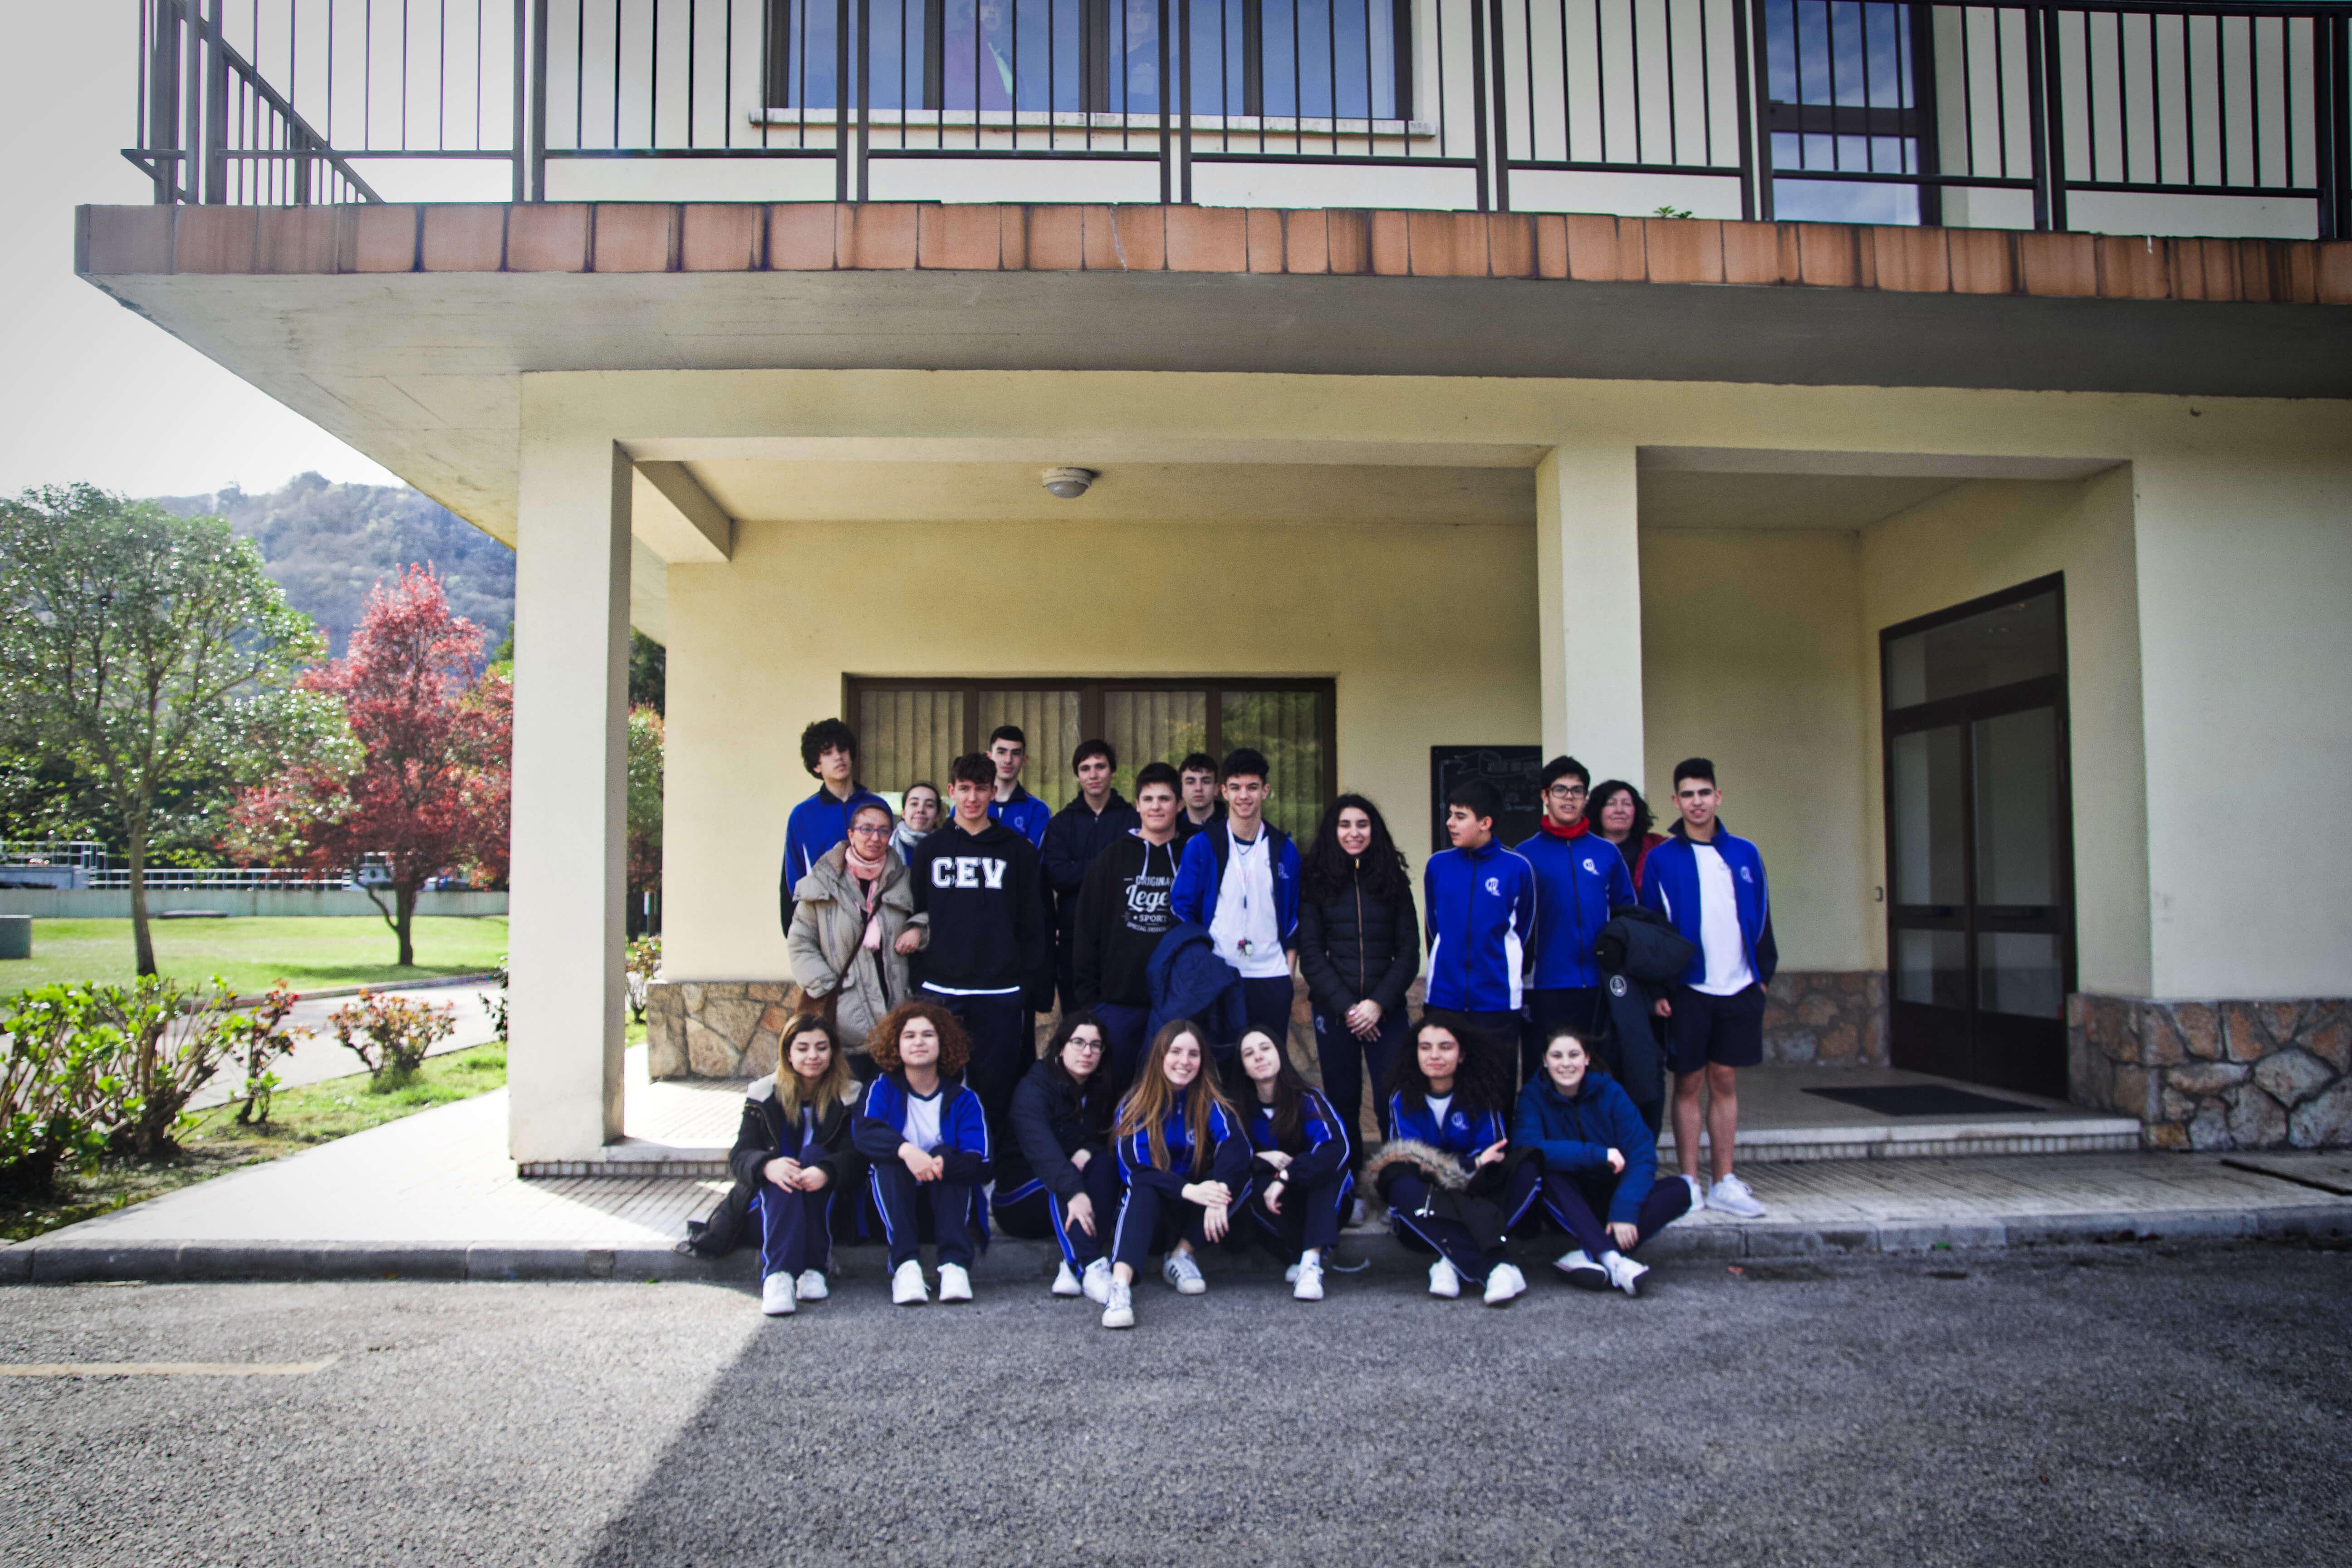 Visita Escolar Instalaciones Rioseco Y Baiña 03032020 76